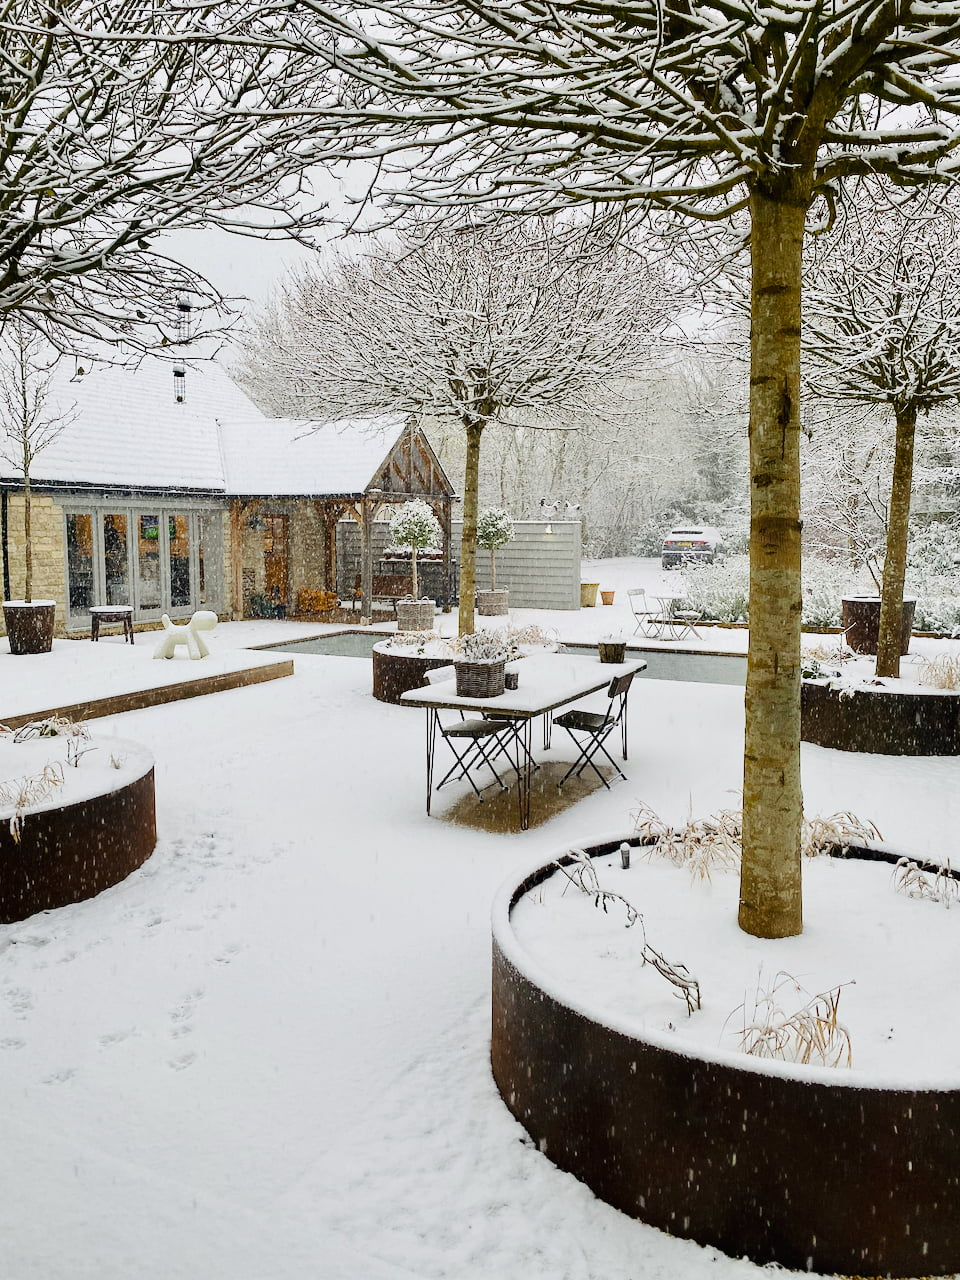 Our courtyard garden in snowy Cotswolds by Jo Alderson Phillips